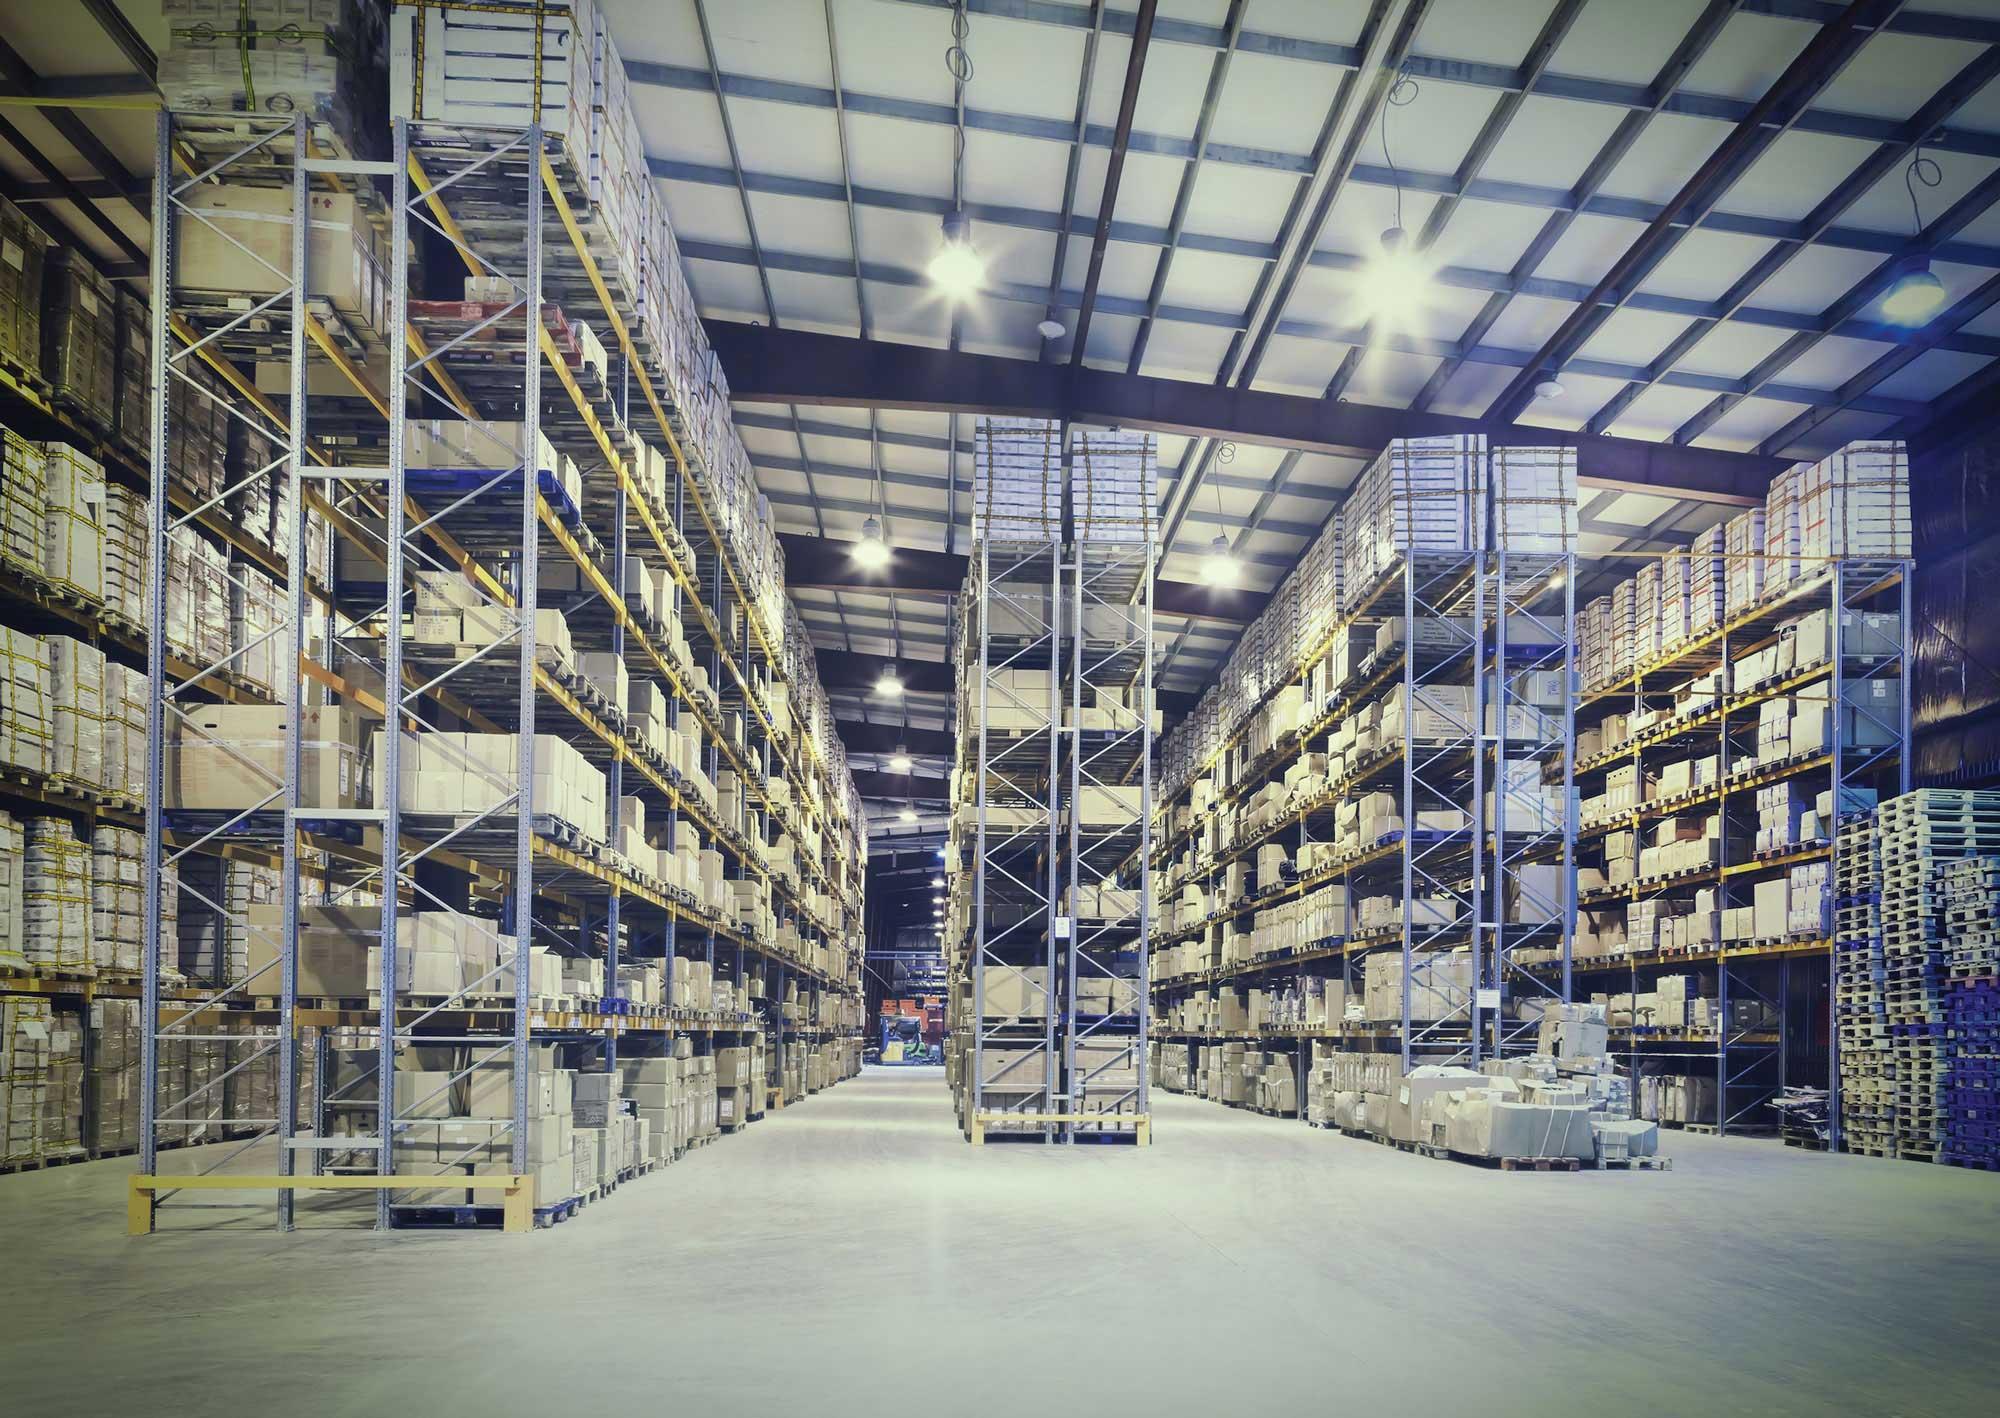 B&B Electronics - Wholesale automotive, marine, and consumer